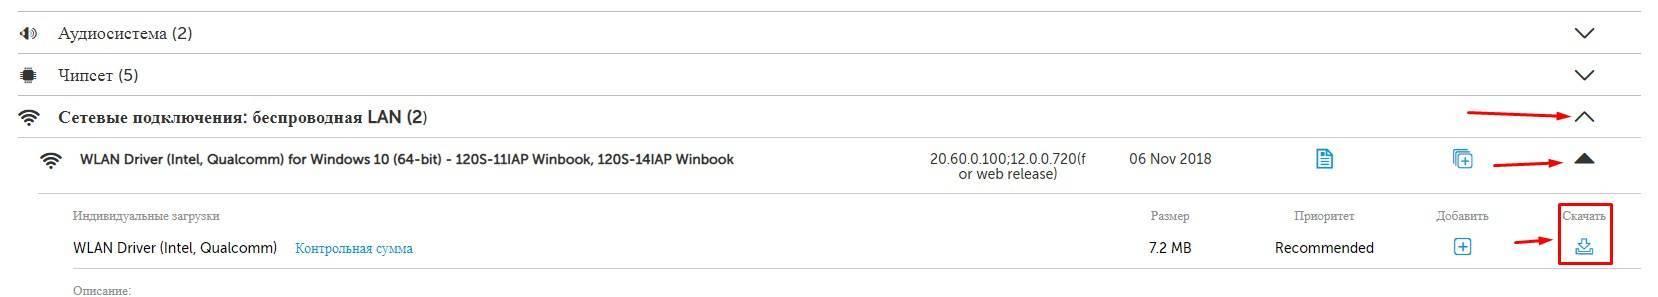 Как установить и обновить Wi-Fi драйвер на ноутбук Windows 7?